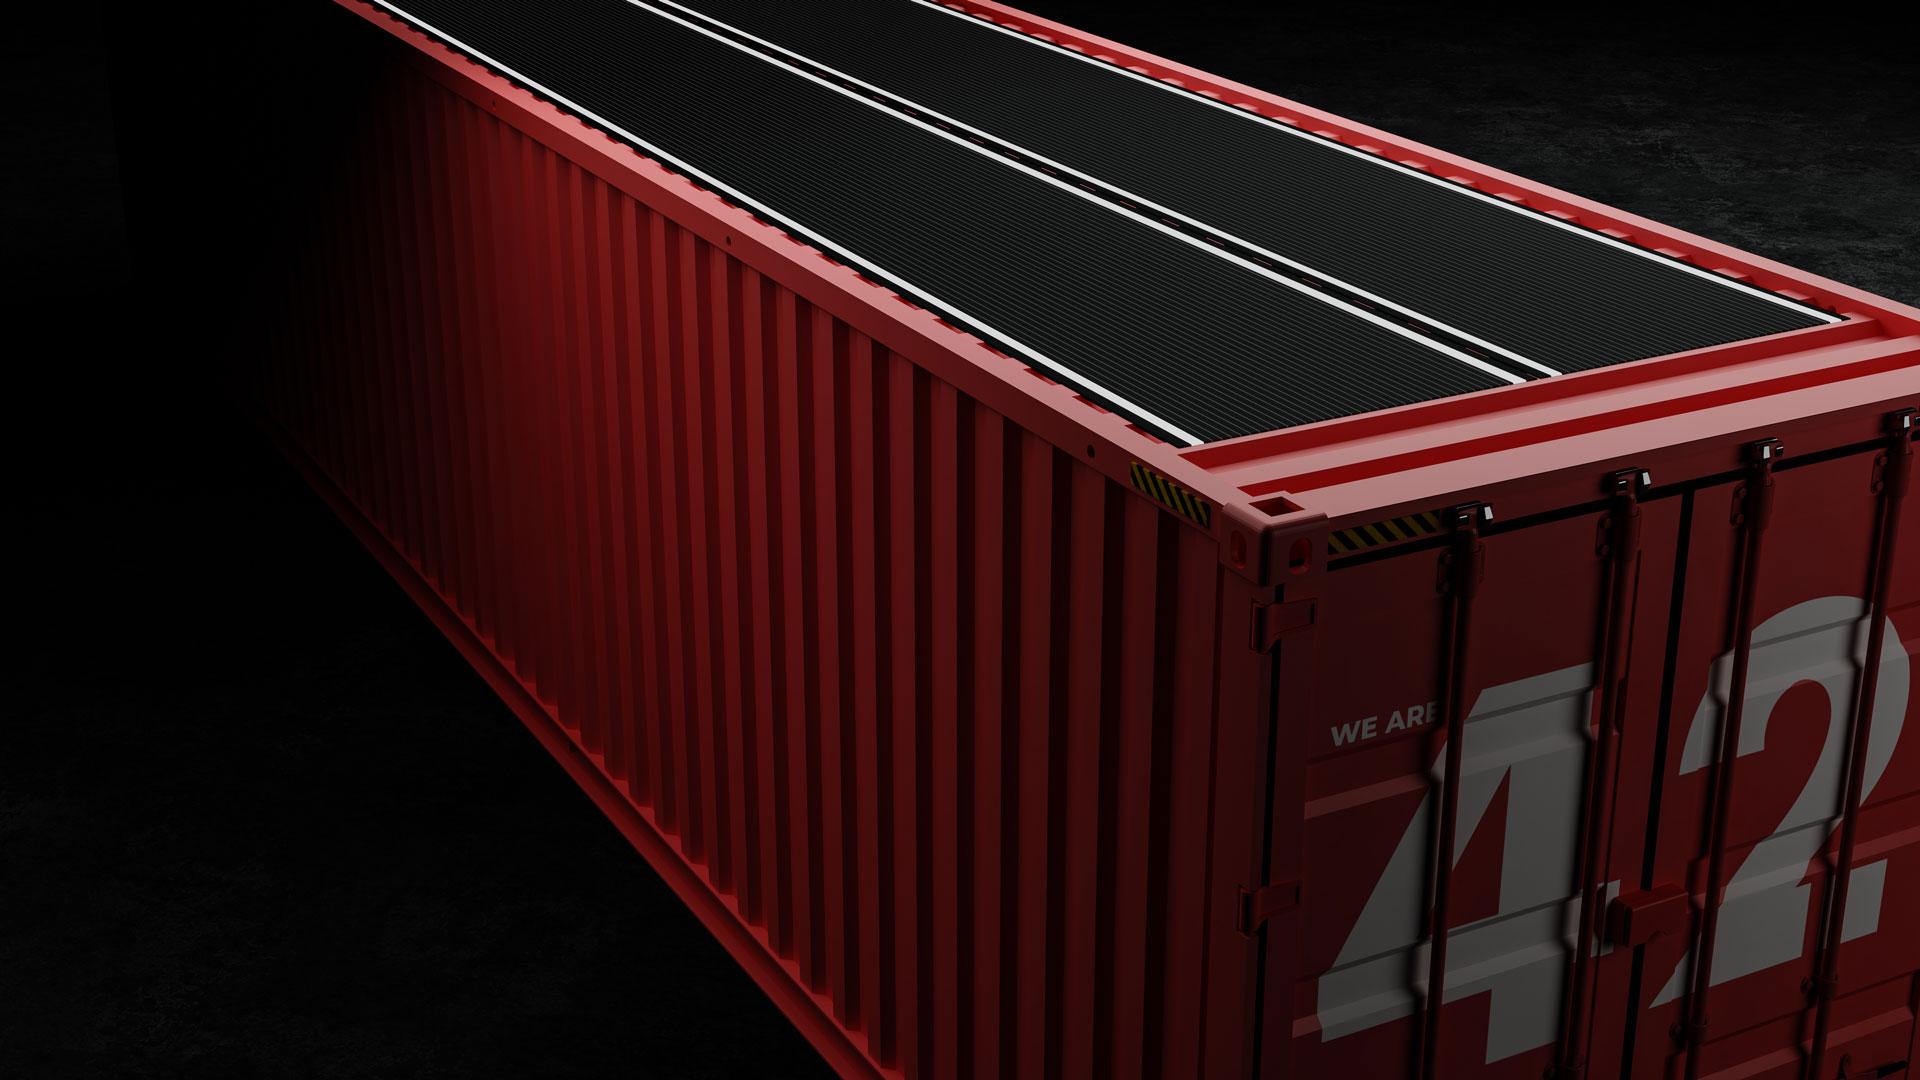 Rotterdam stuurt hyperintelligente container op wereldreis (NL)